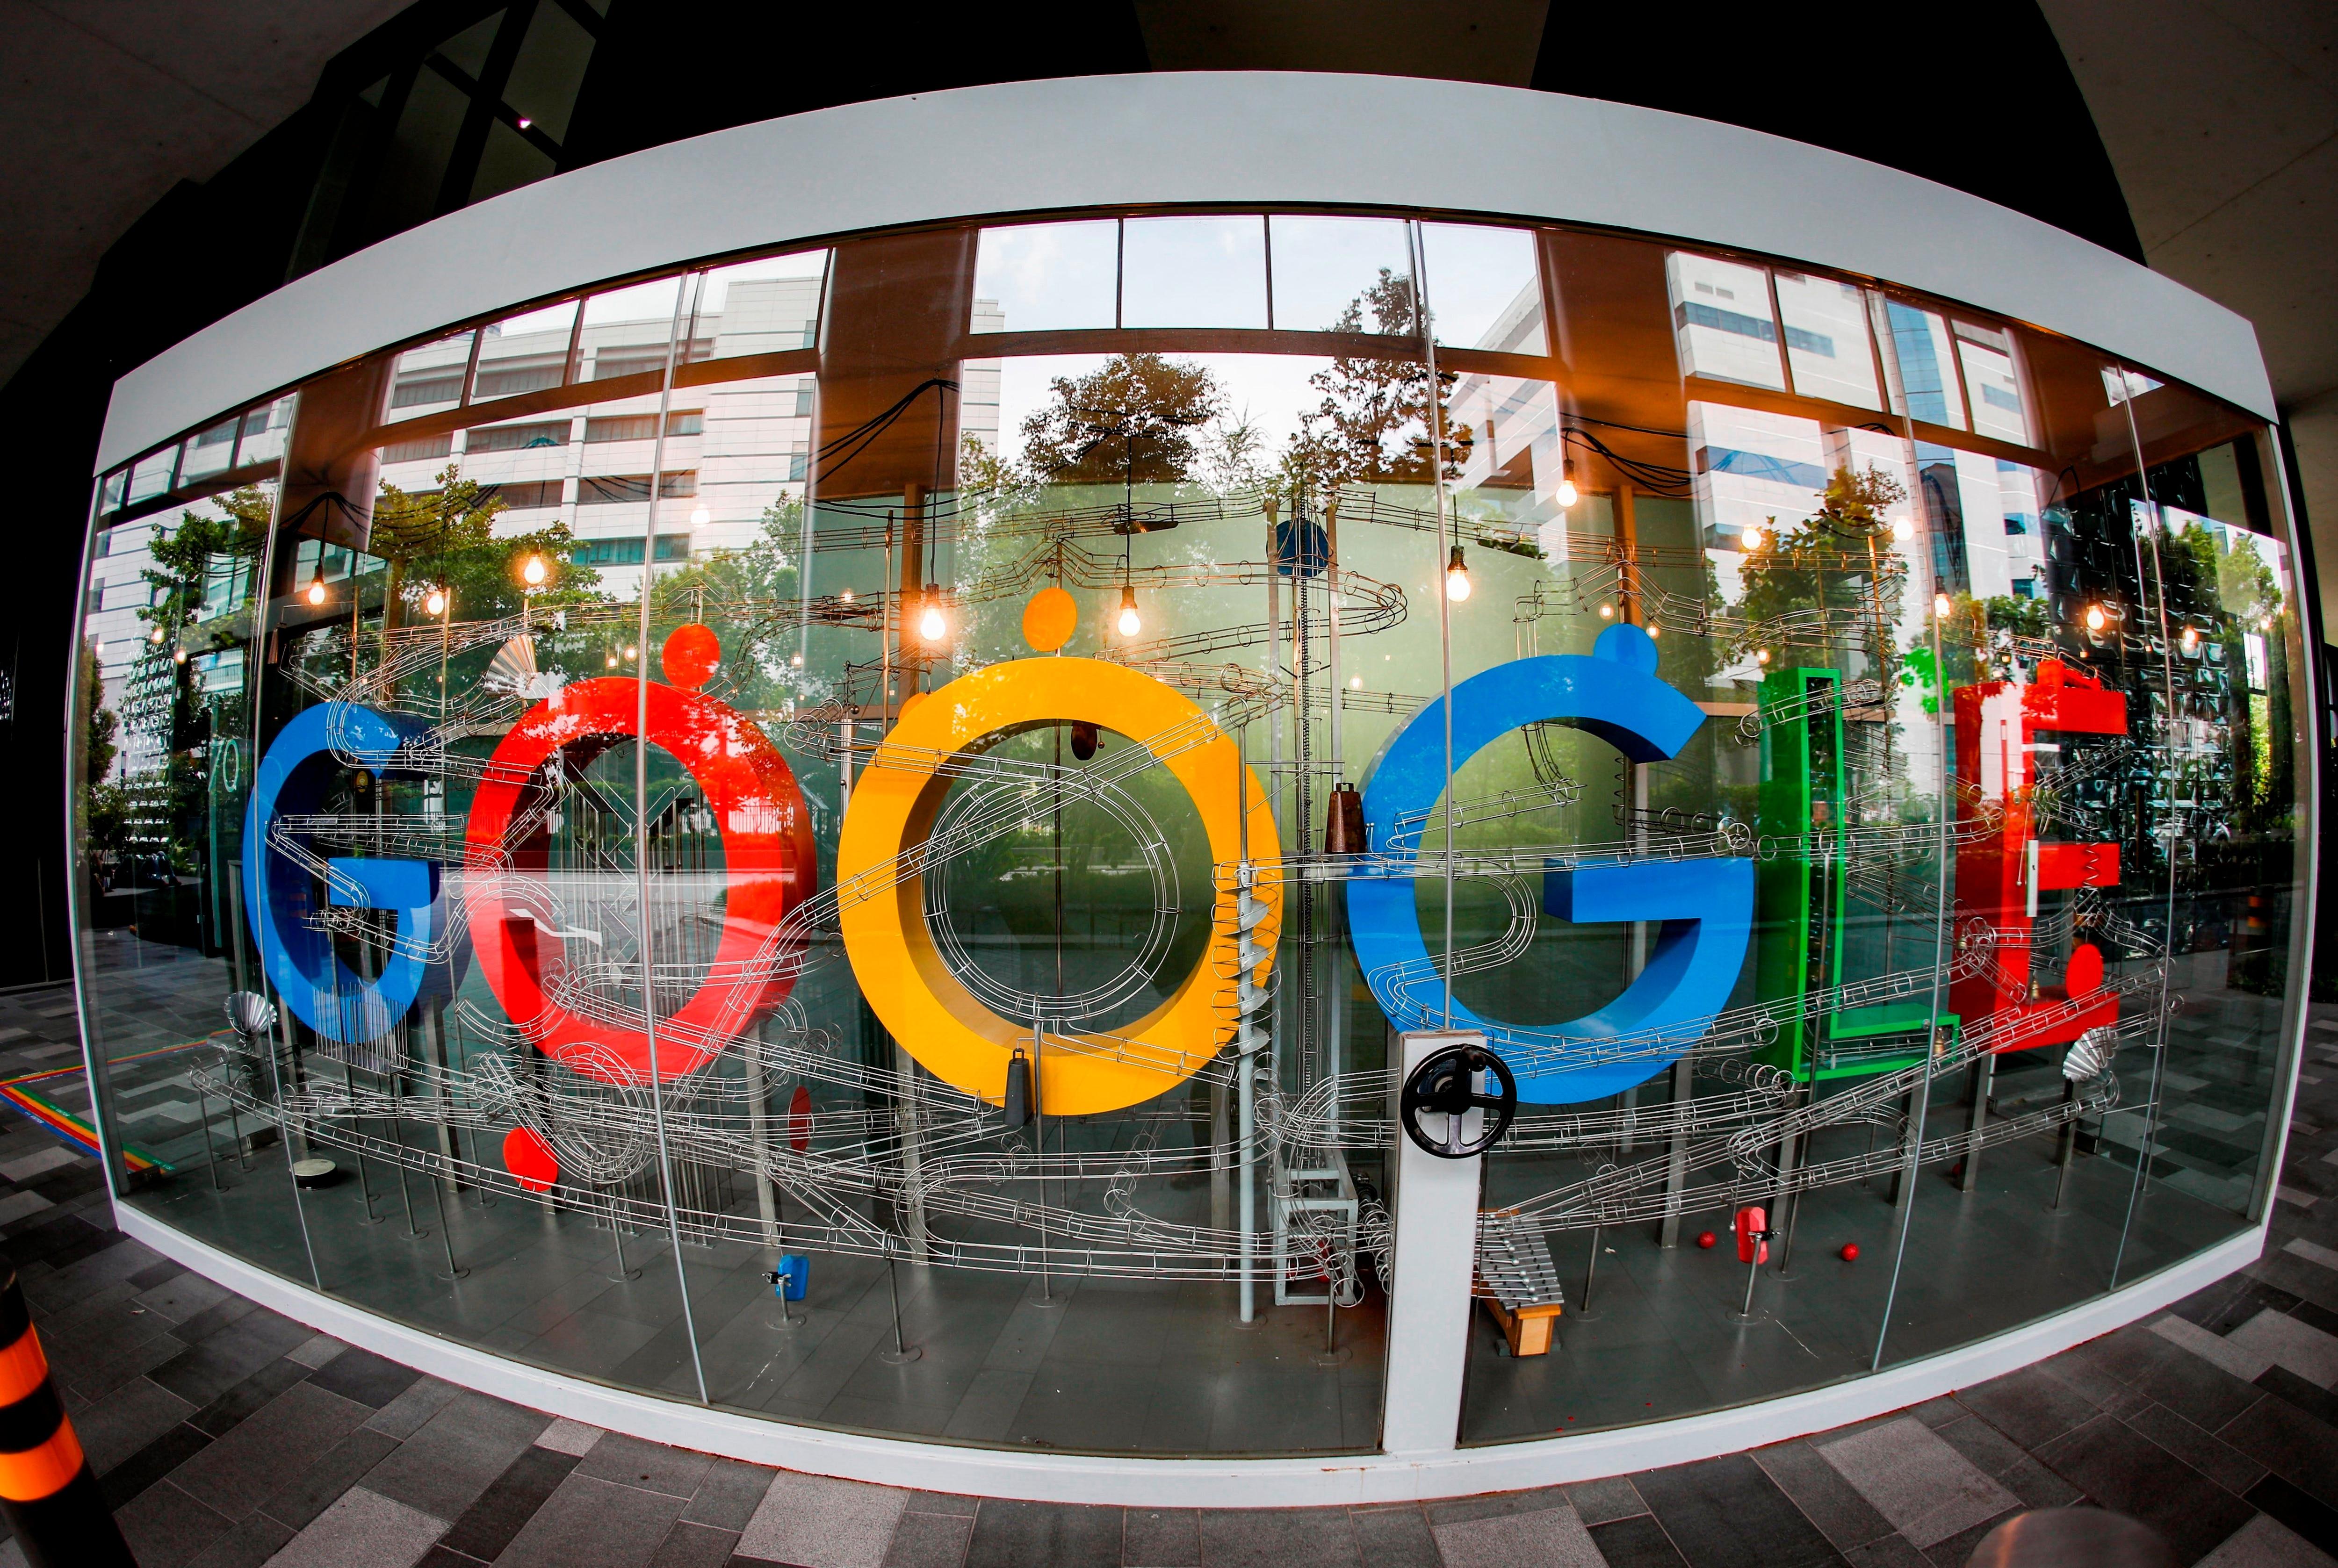 Google permitirá abrir cuentas bancarias, hacer pagos y enviar dinero a amigos, Cloud Pocket 365